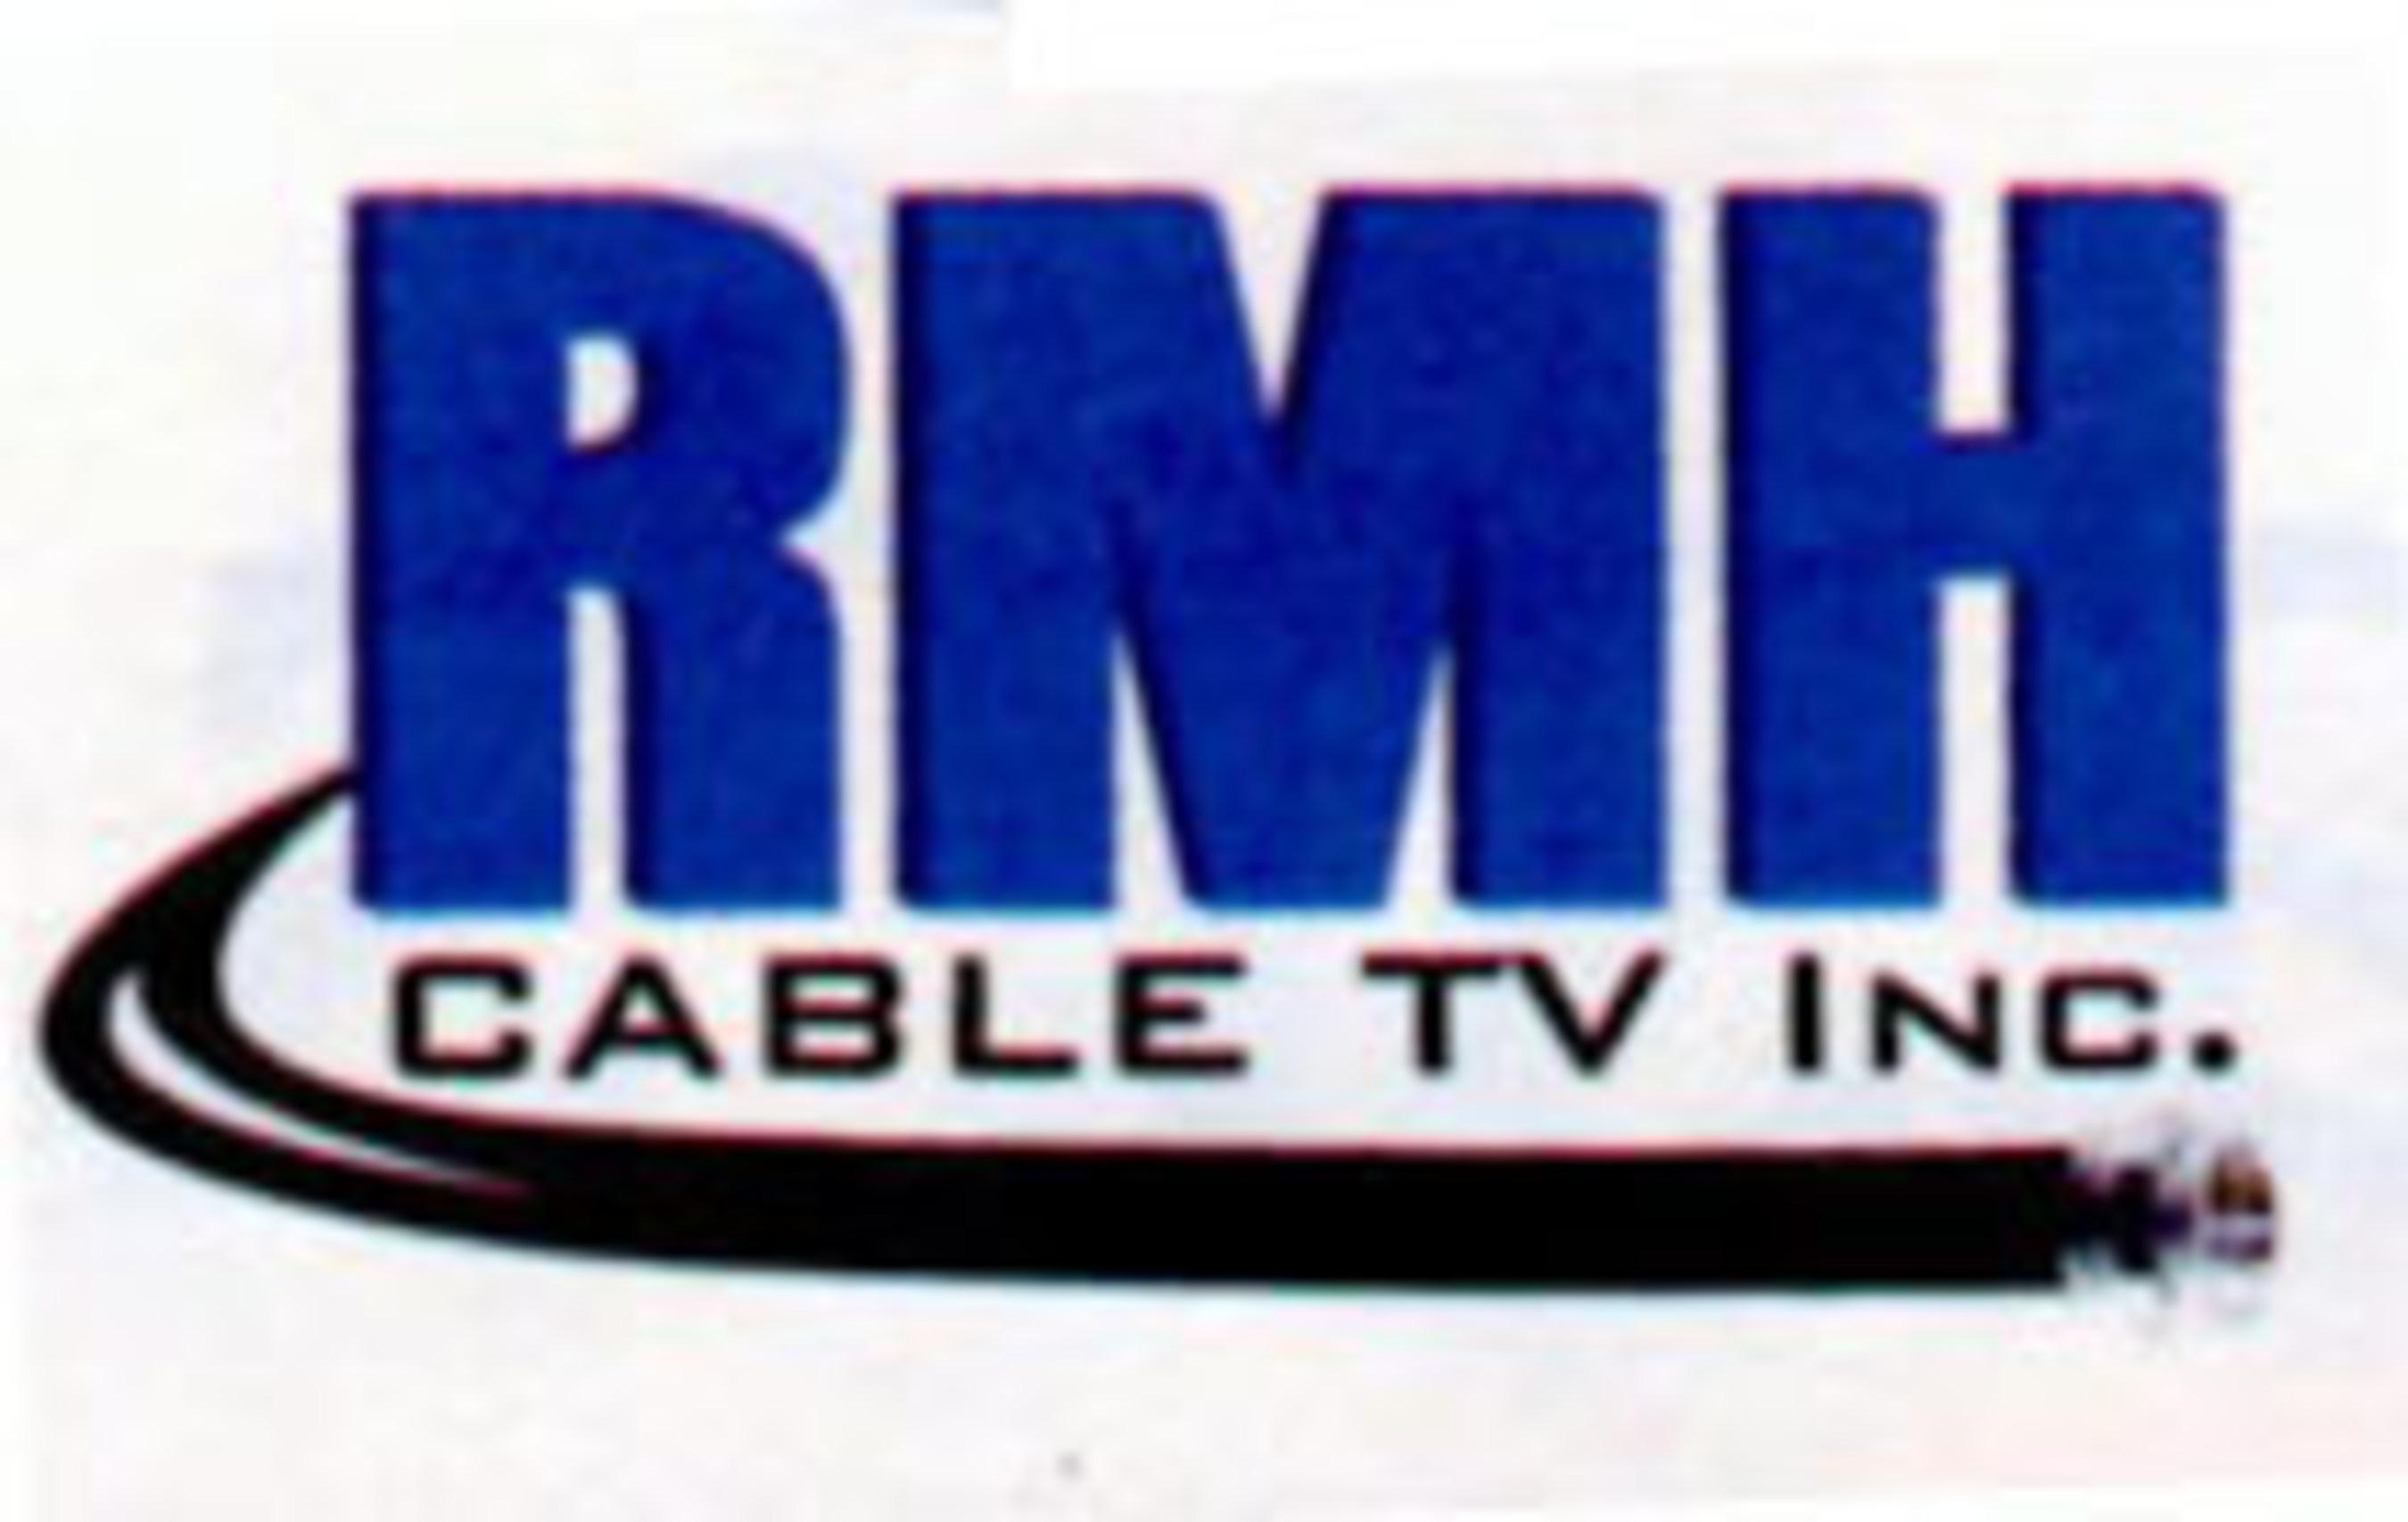 U.S. Marshalls Manhunt For Comcast Cable Criminals Underway